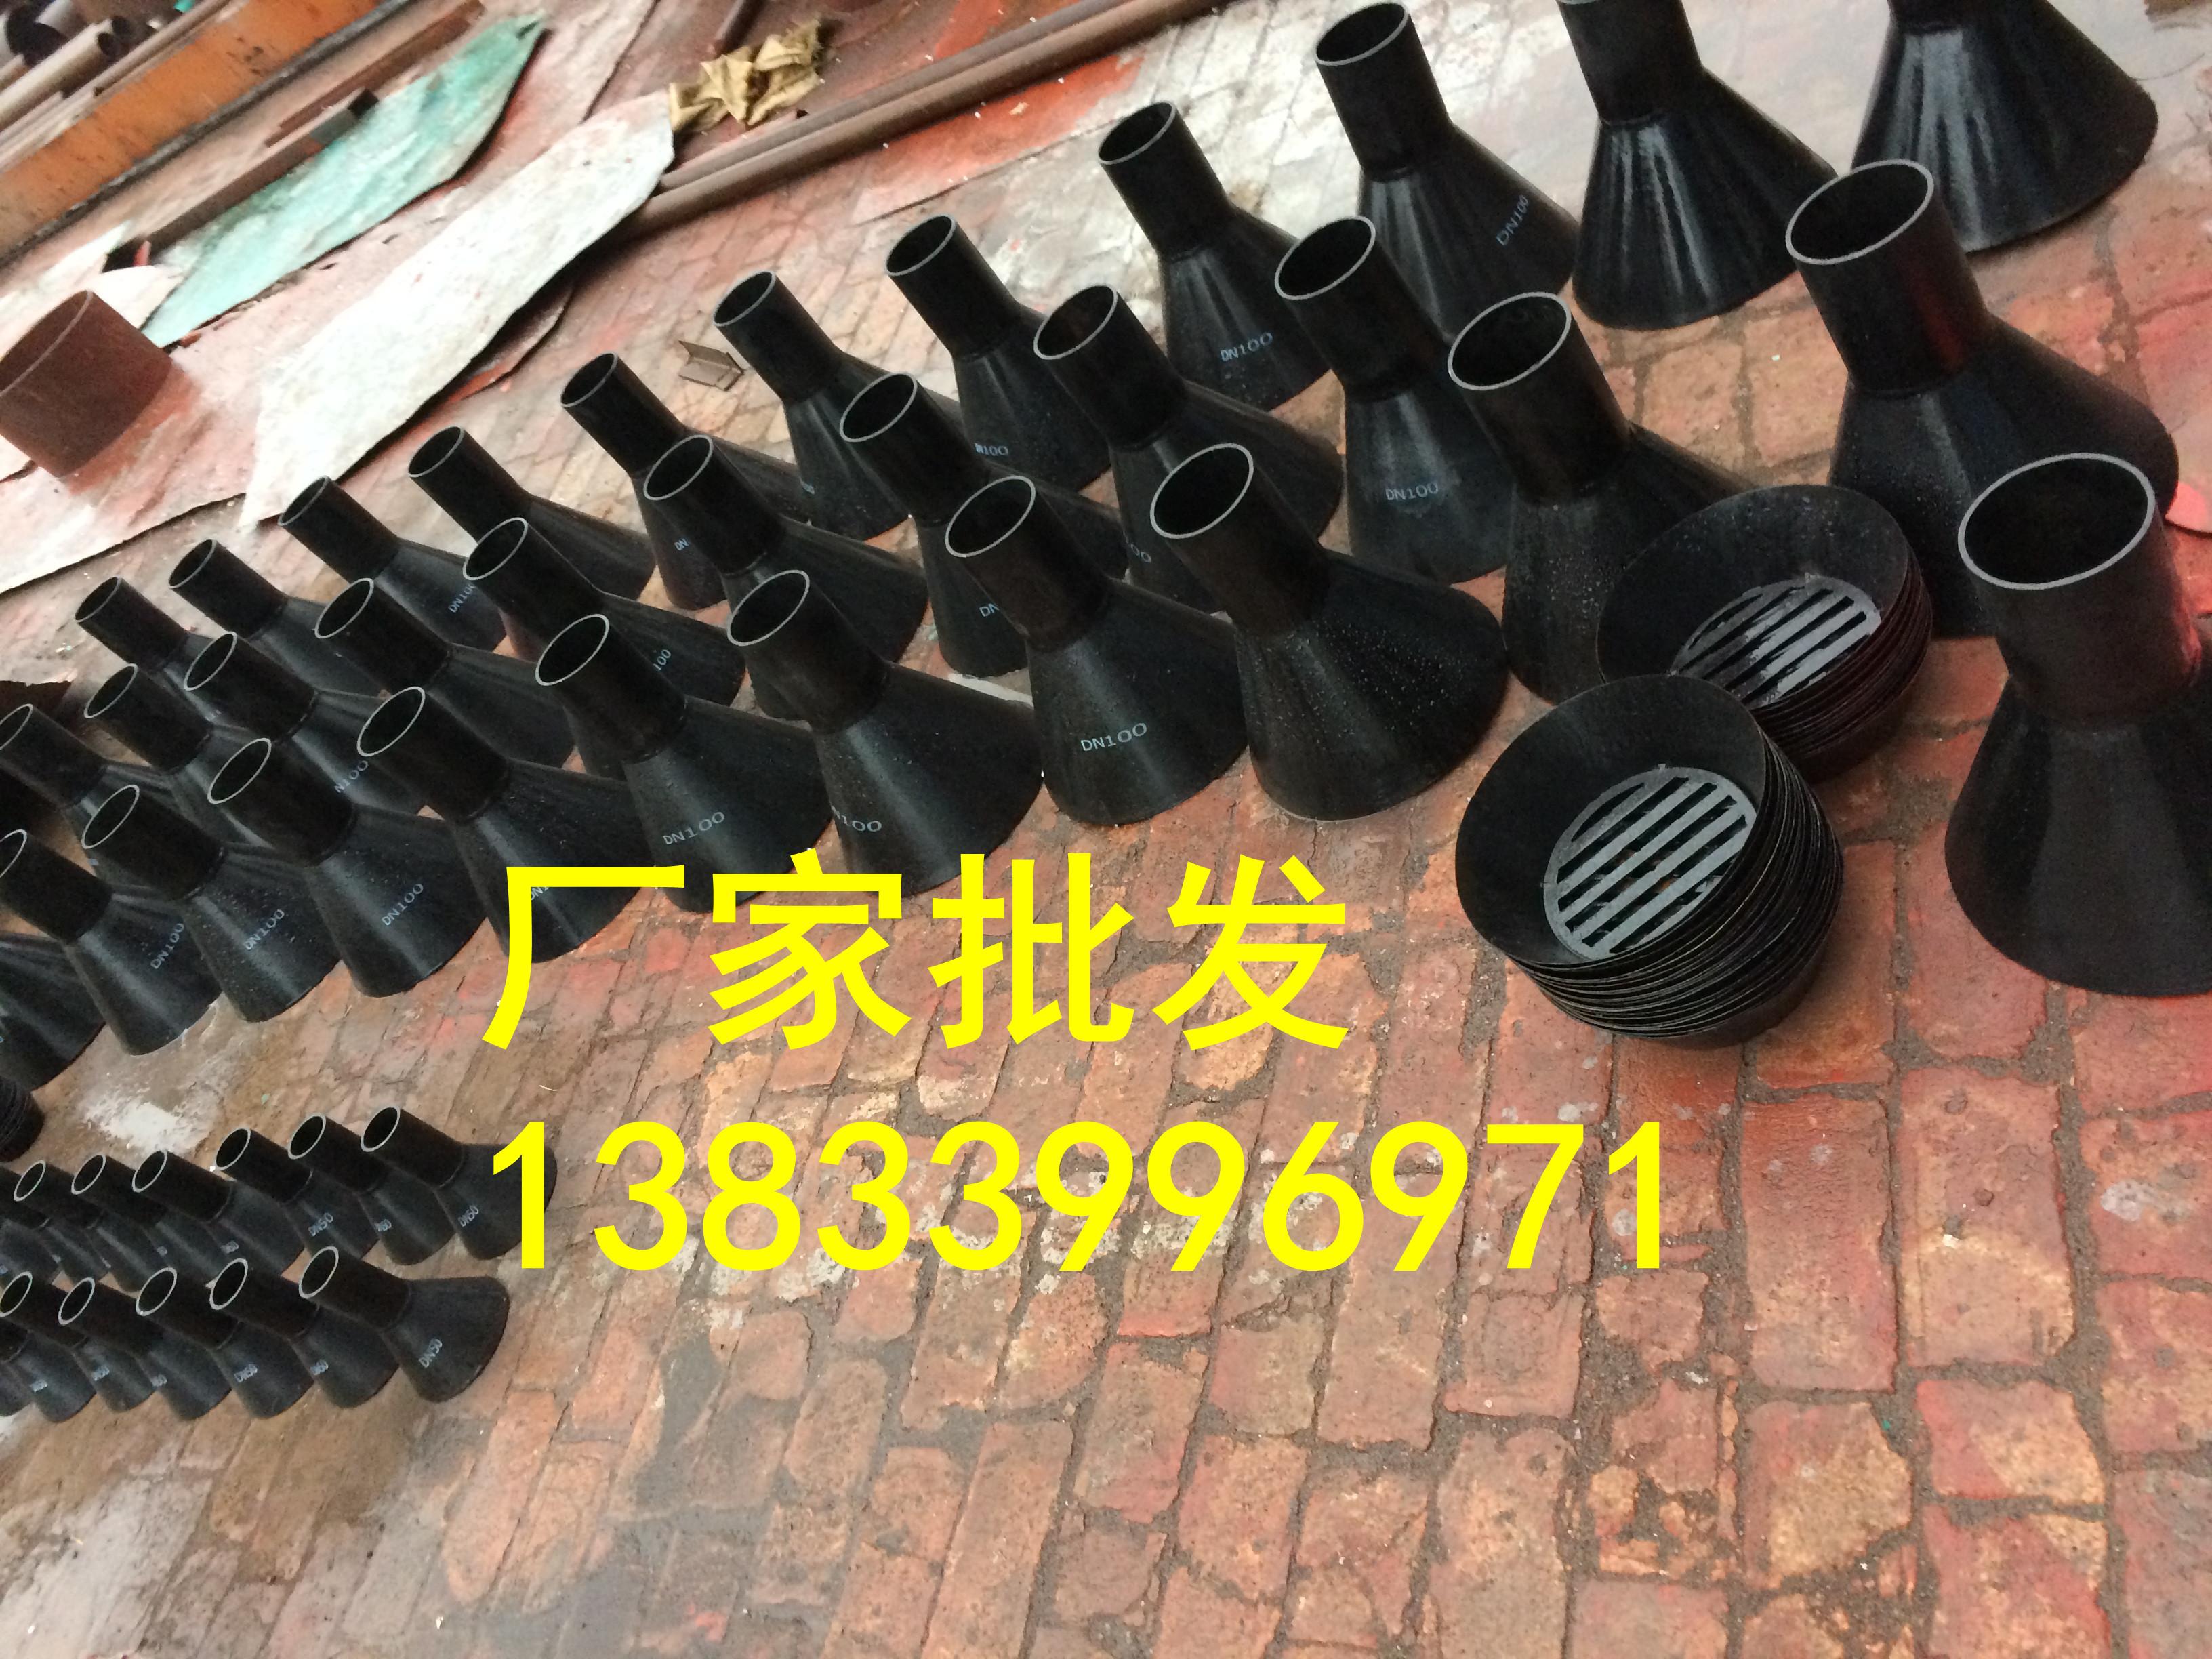 供应用于gd87的钢制矩形排水漏斗dn100 碳钢带盖排水漏斗 优质排水漏斗品牌